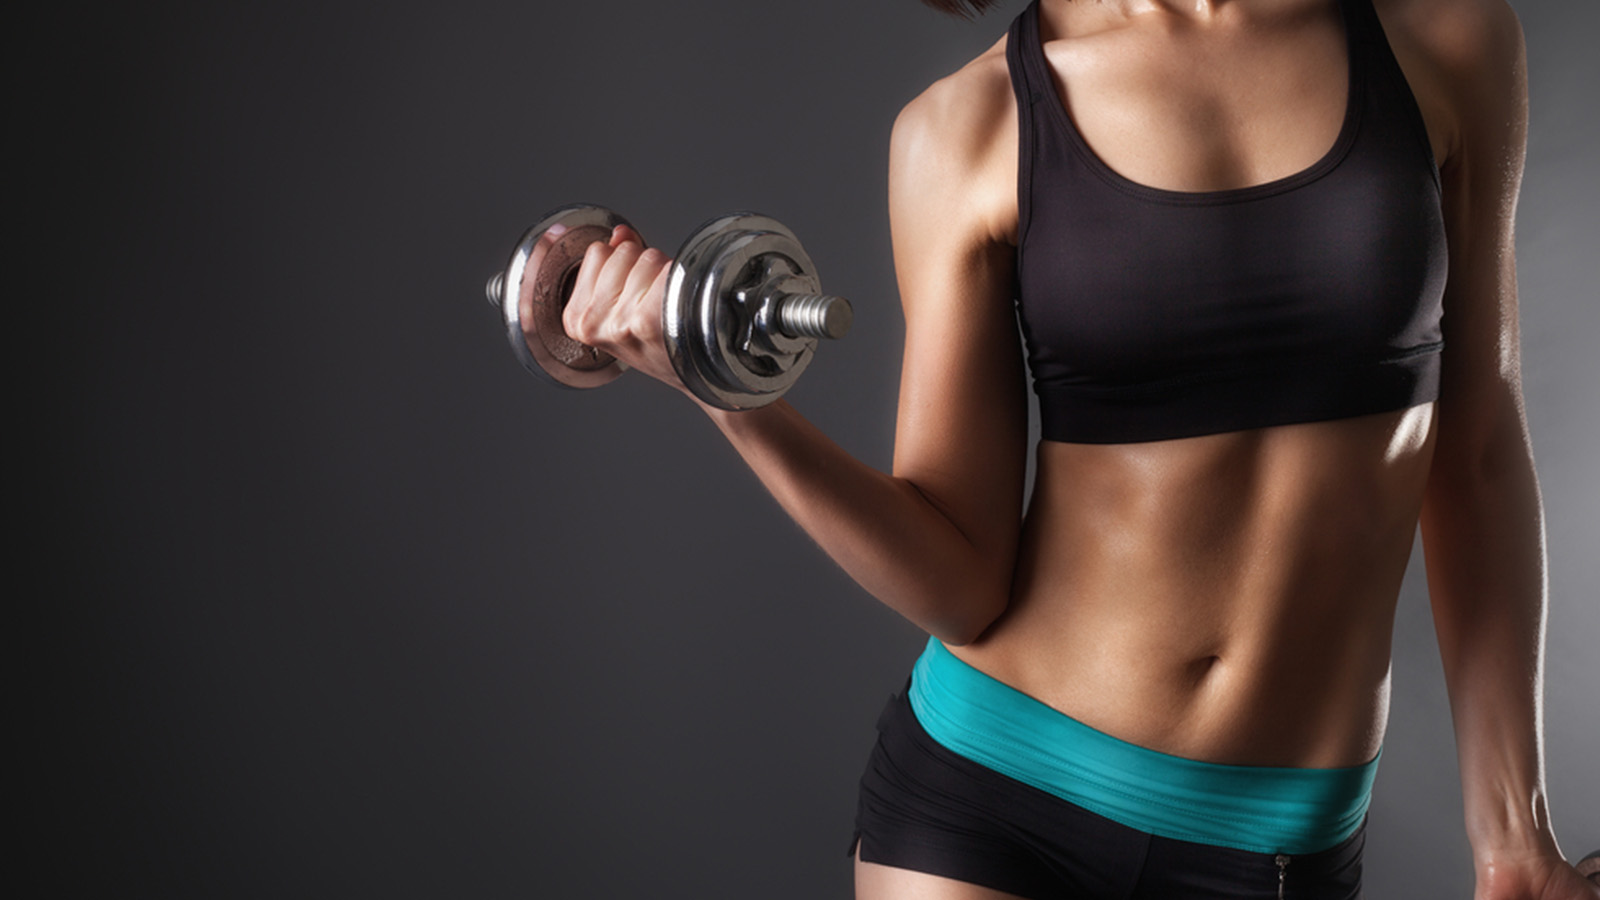 ダンベルダイエットで効率よく痩せてみよう!部分痩せもできる方法を紹介